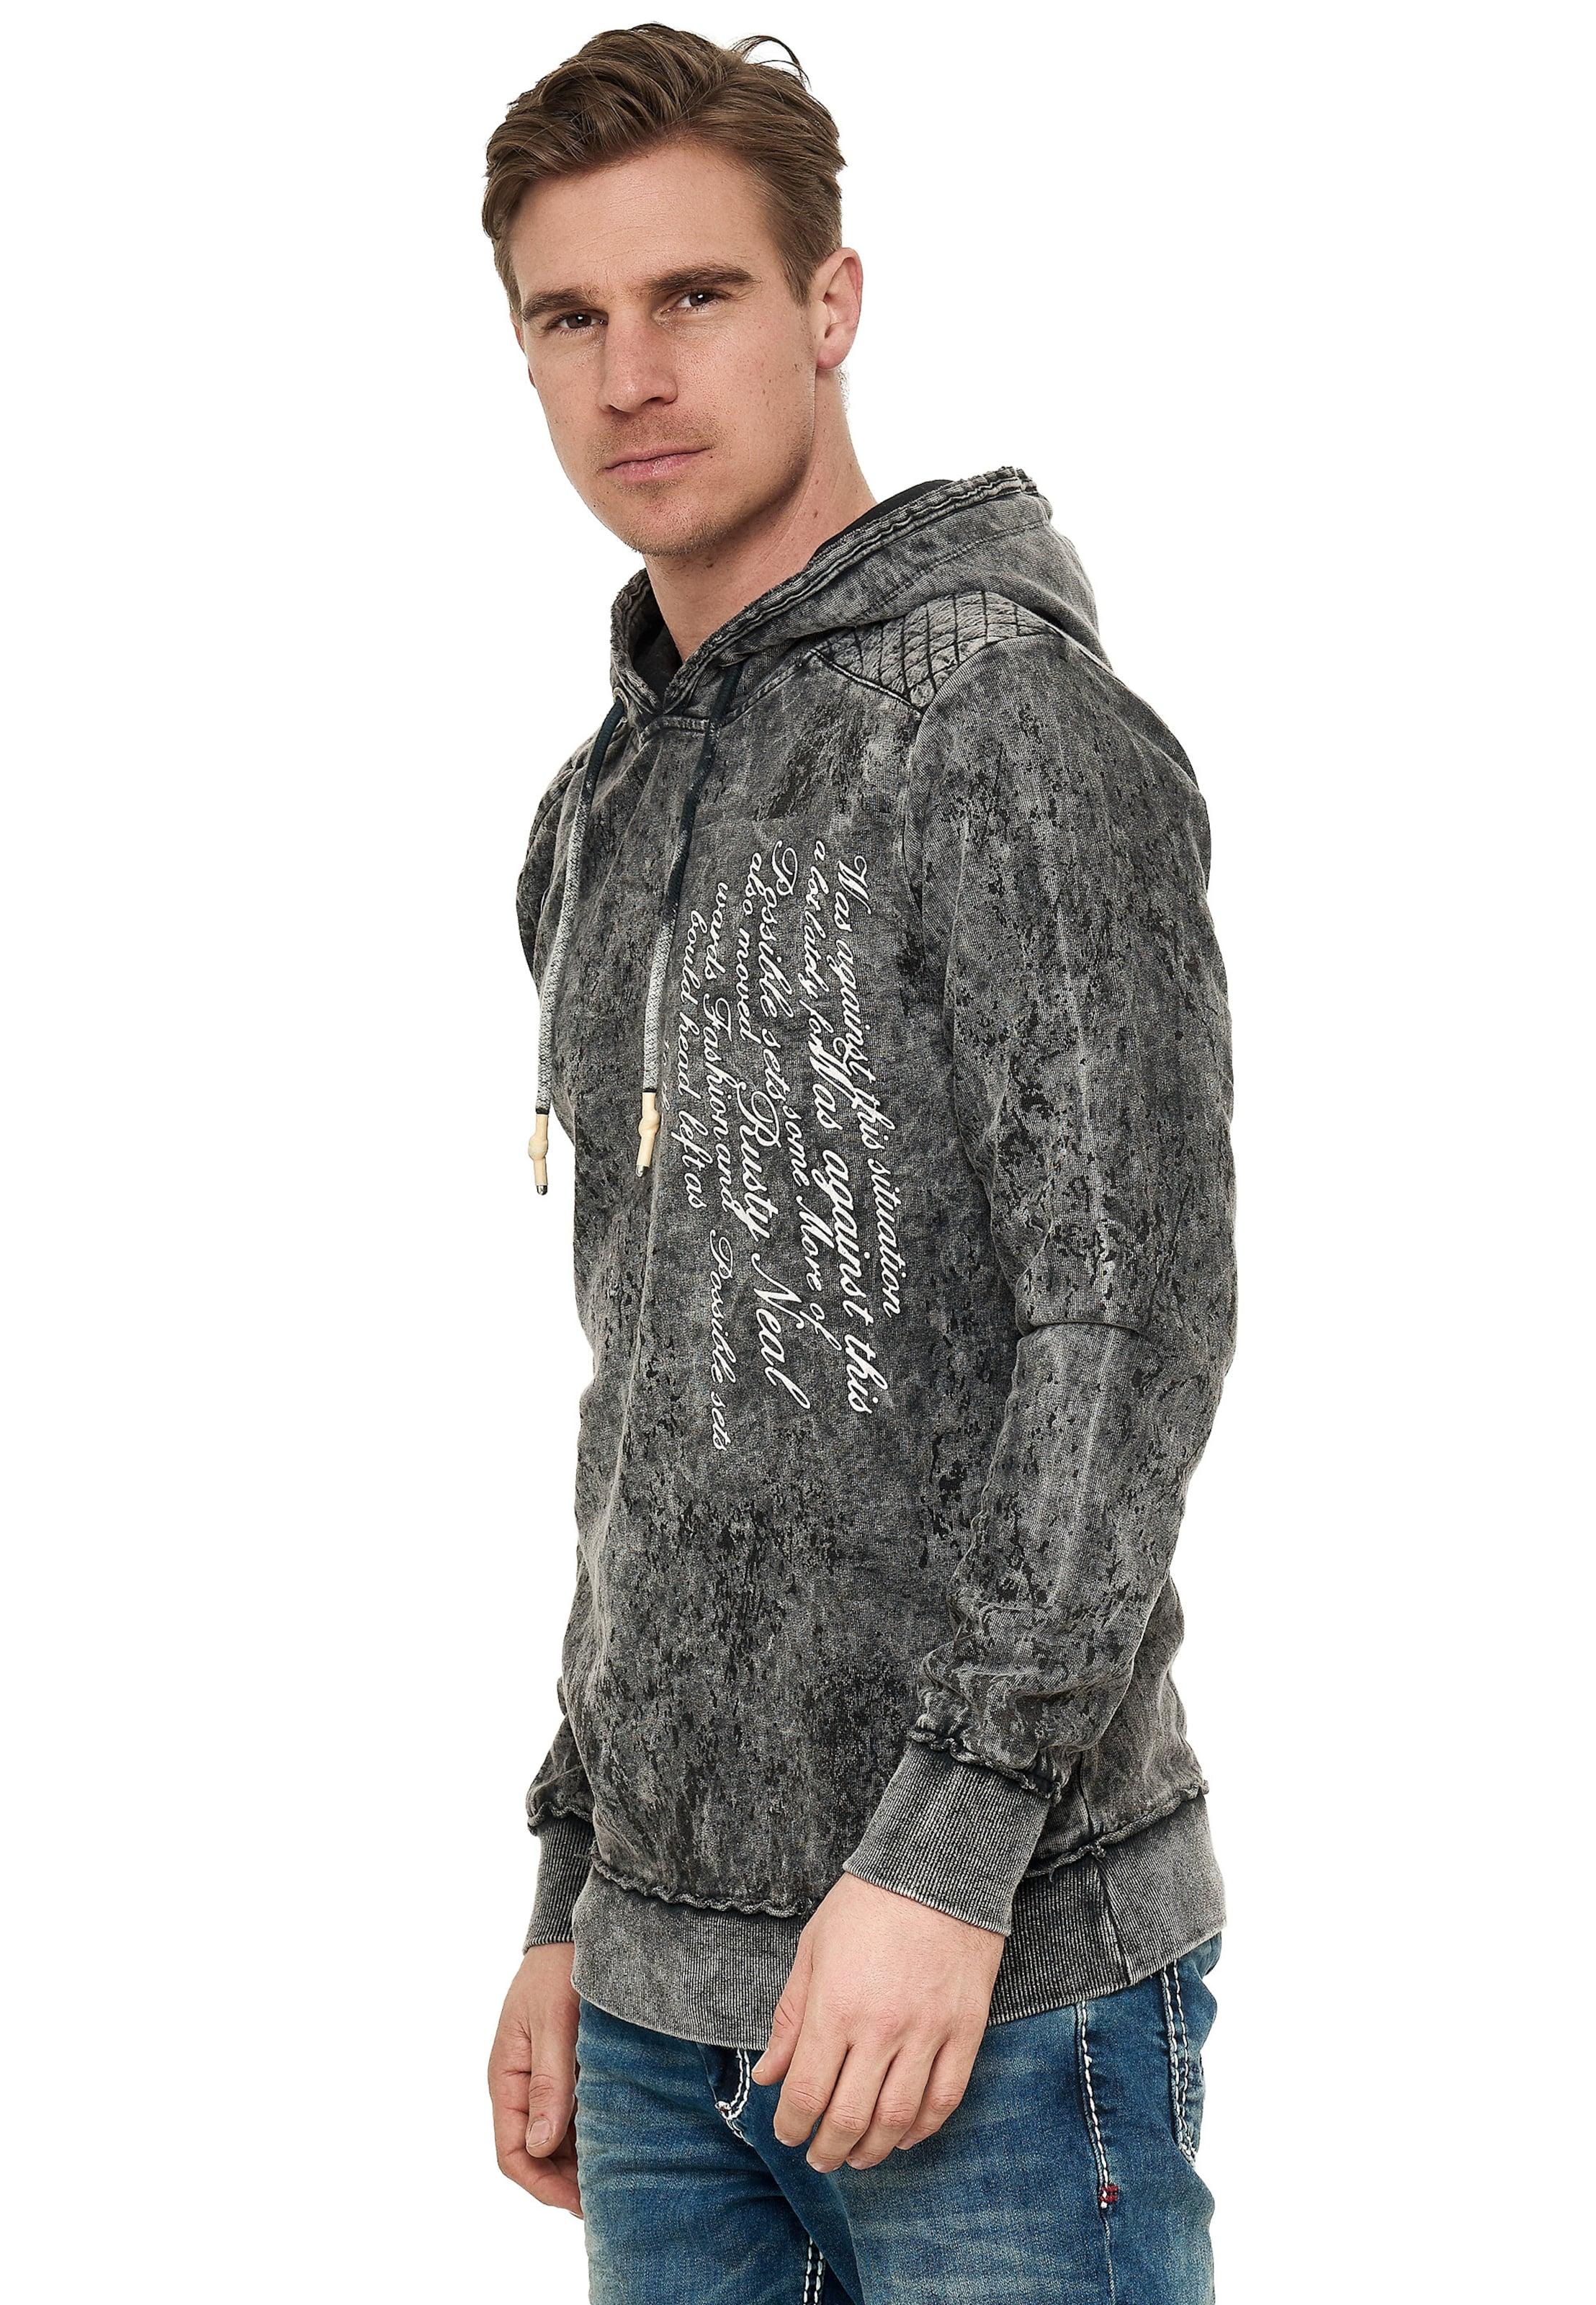 Rusty Neal Sweatshirt in verwaschenem Look mit Schriftzug in anthrazit Baumwolle 3374005